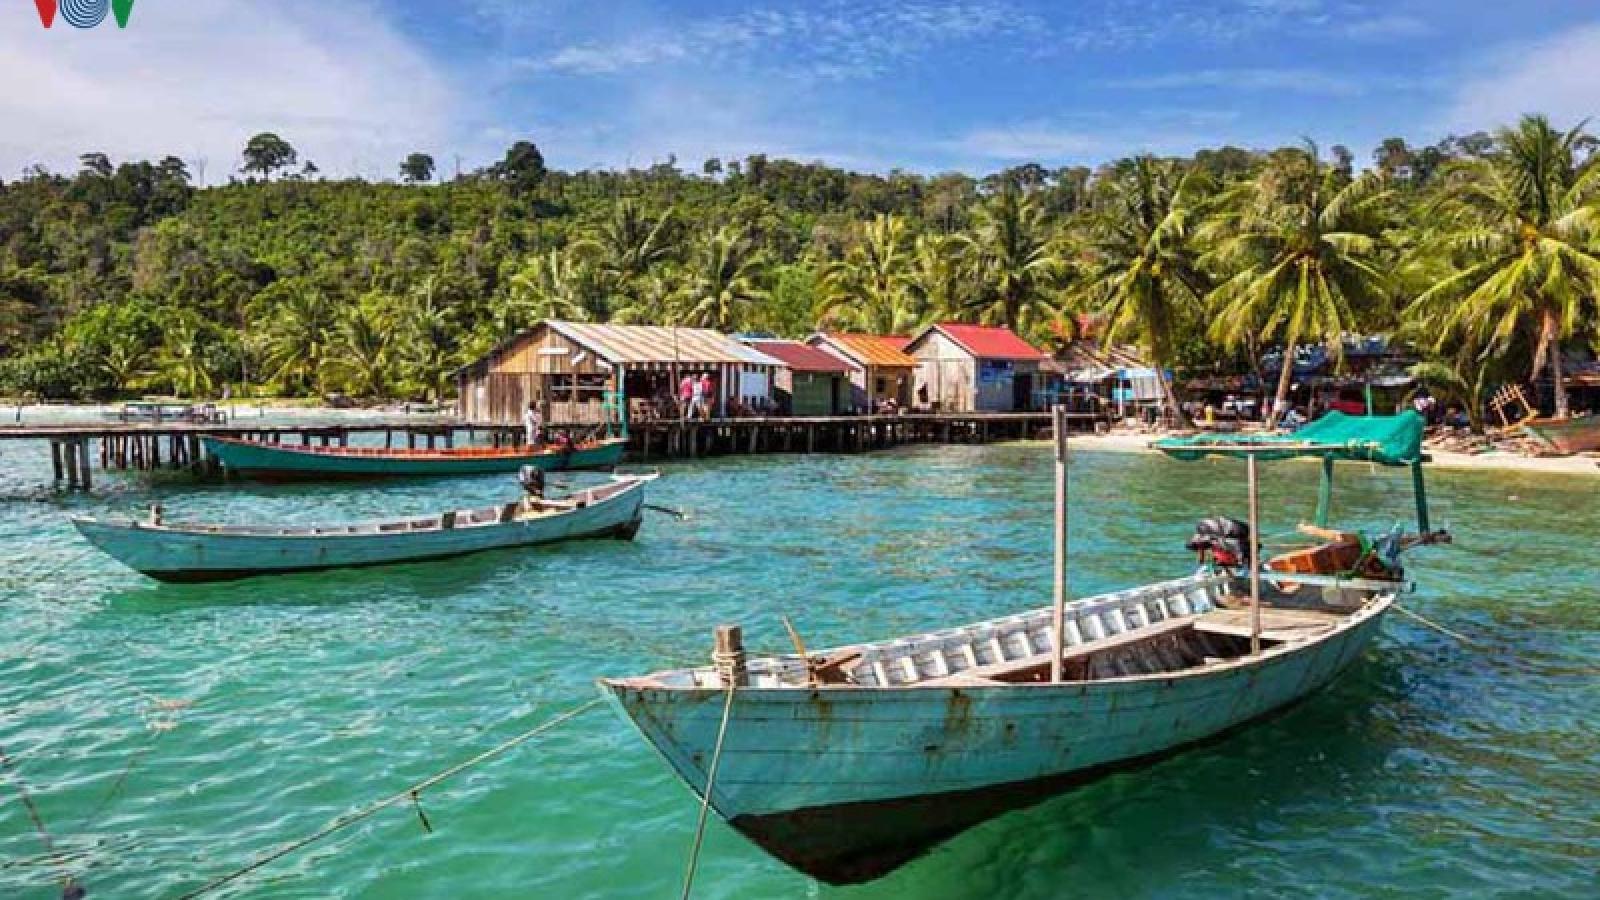 Tỉnh Kep (Campuchia) xây dựng đường ven biển nối Việt Nam và Thái Lan